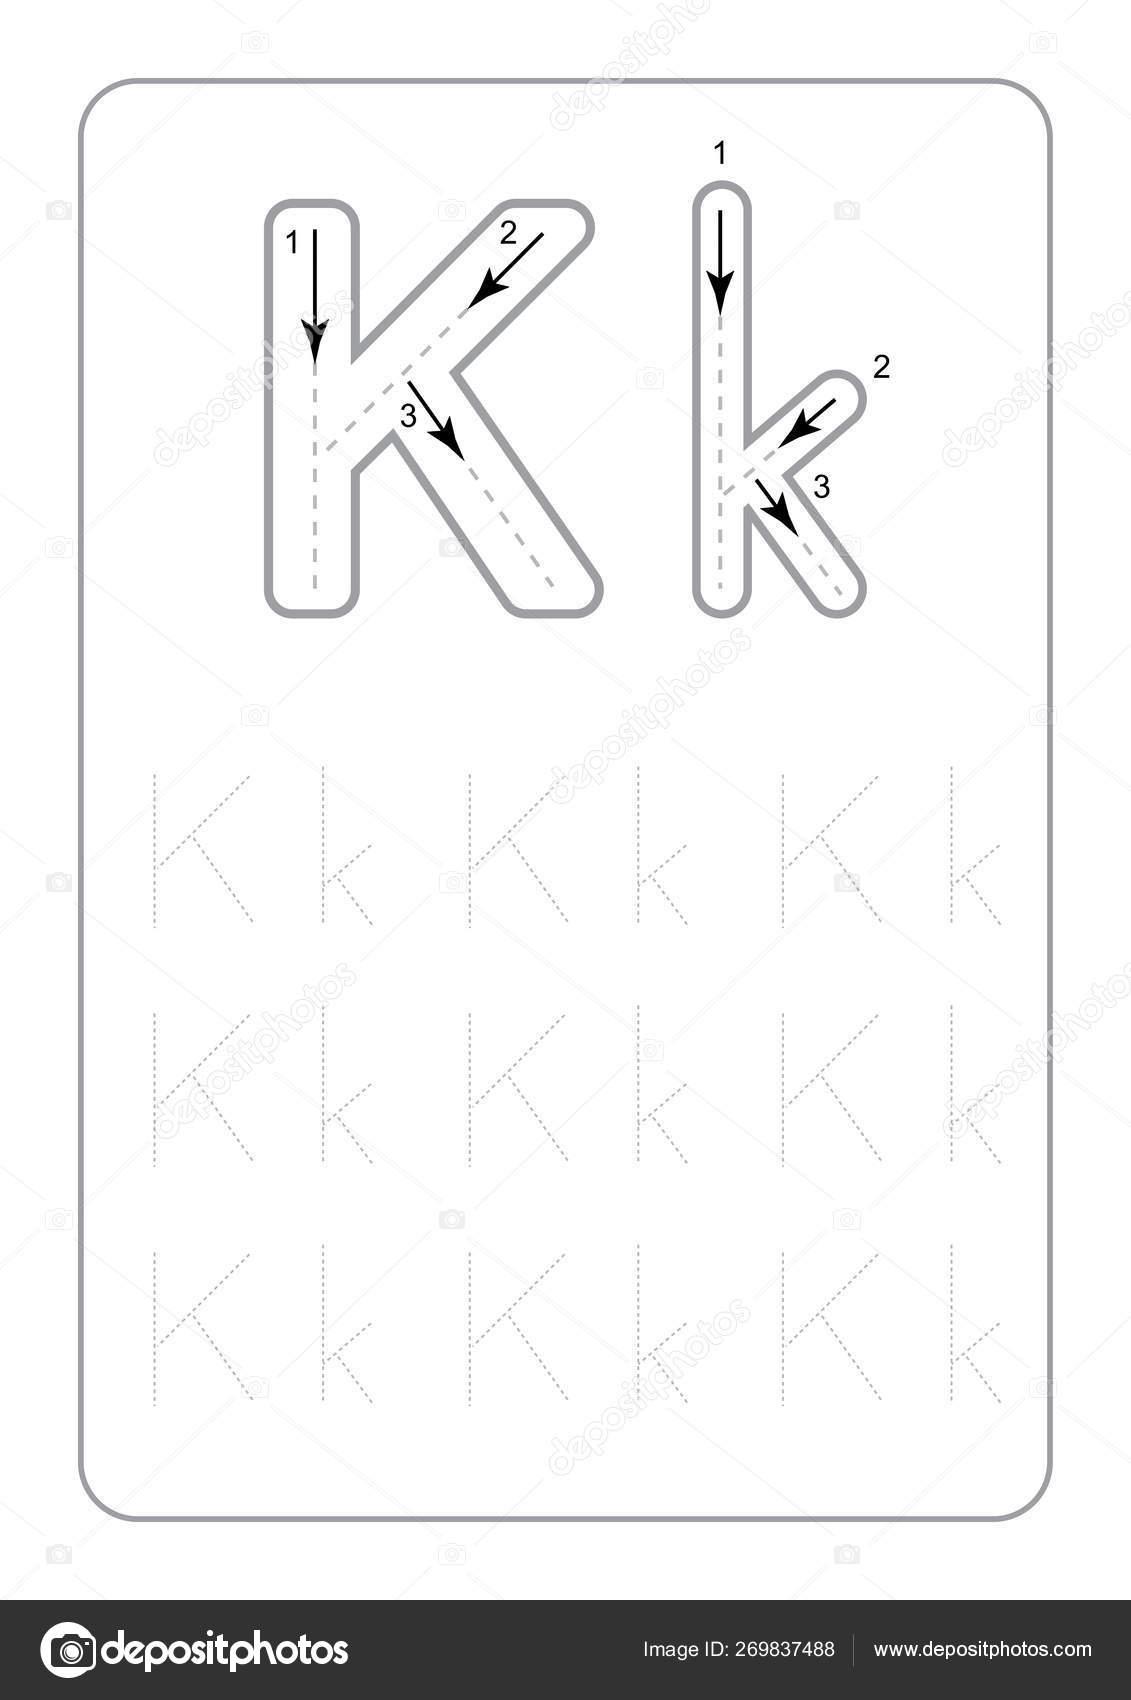 Kindergarten Tracing Letters Worksheets Monochrome Tracing regarding Tracing Letters Worksheets For Kindergarten